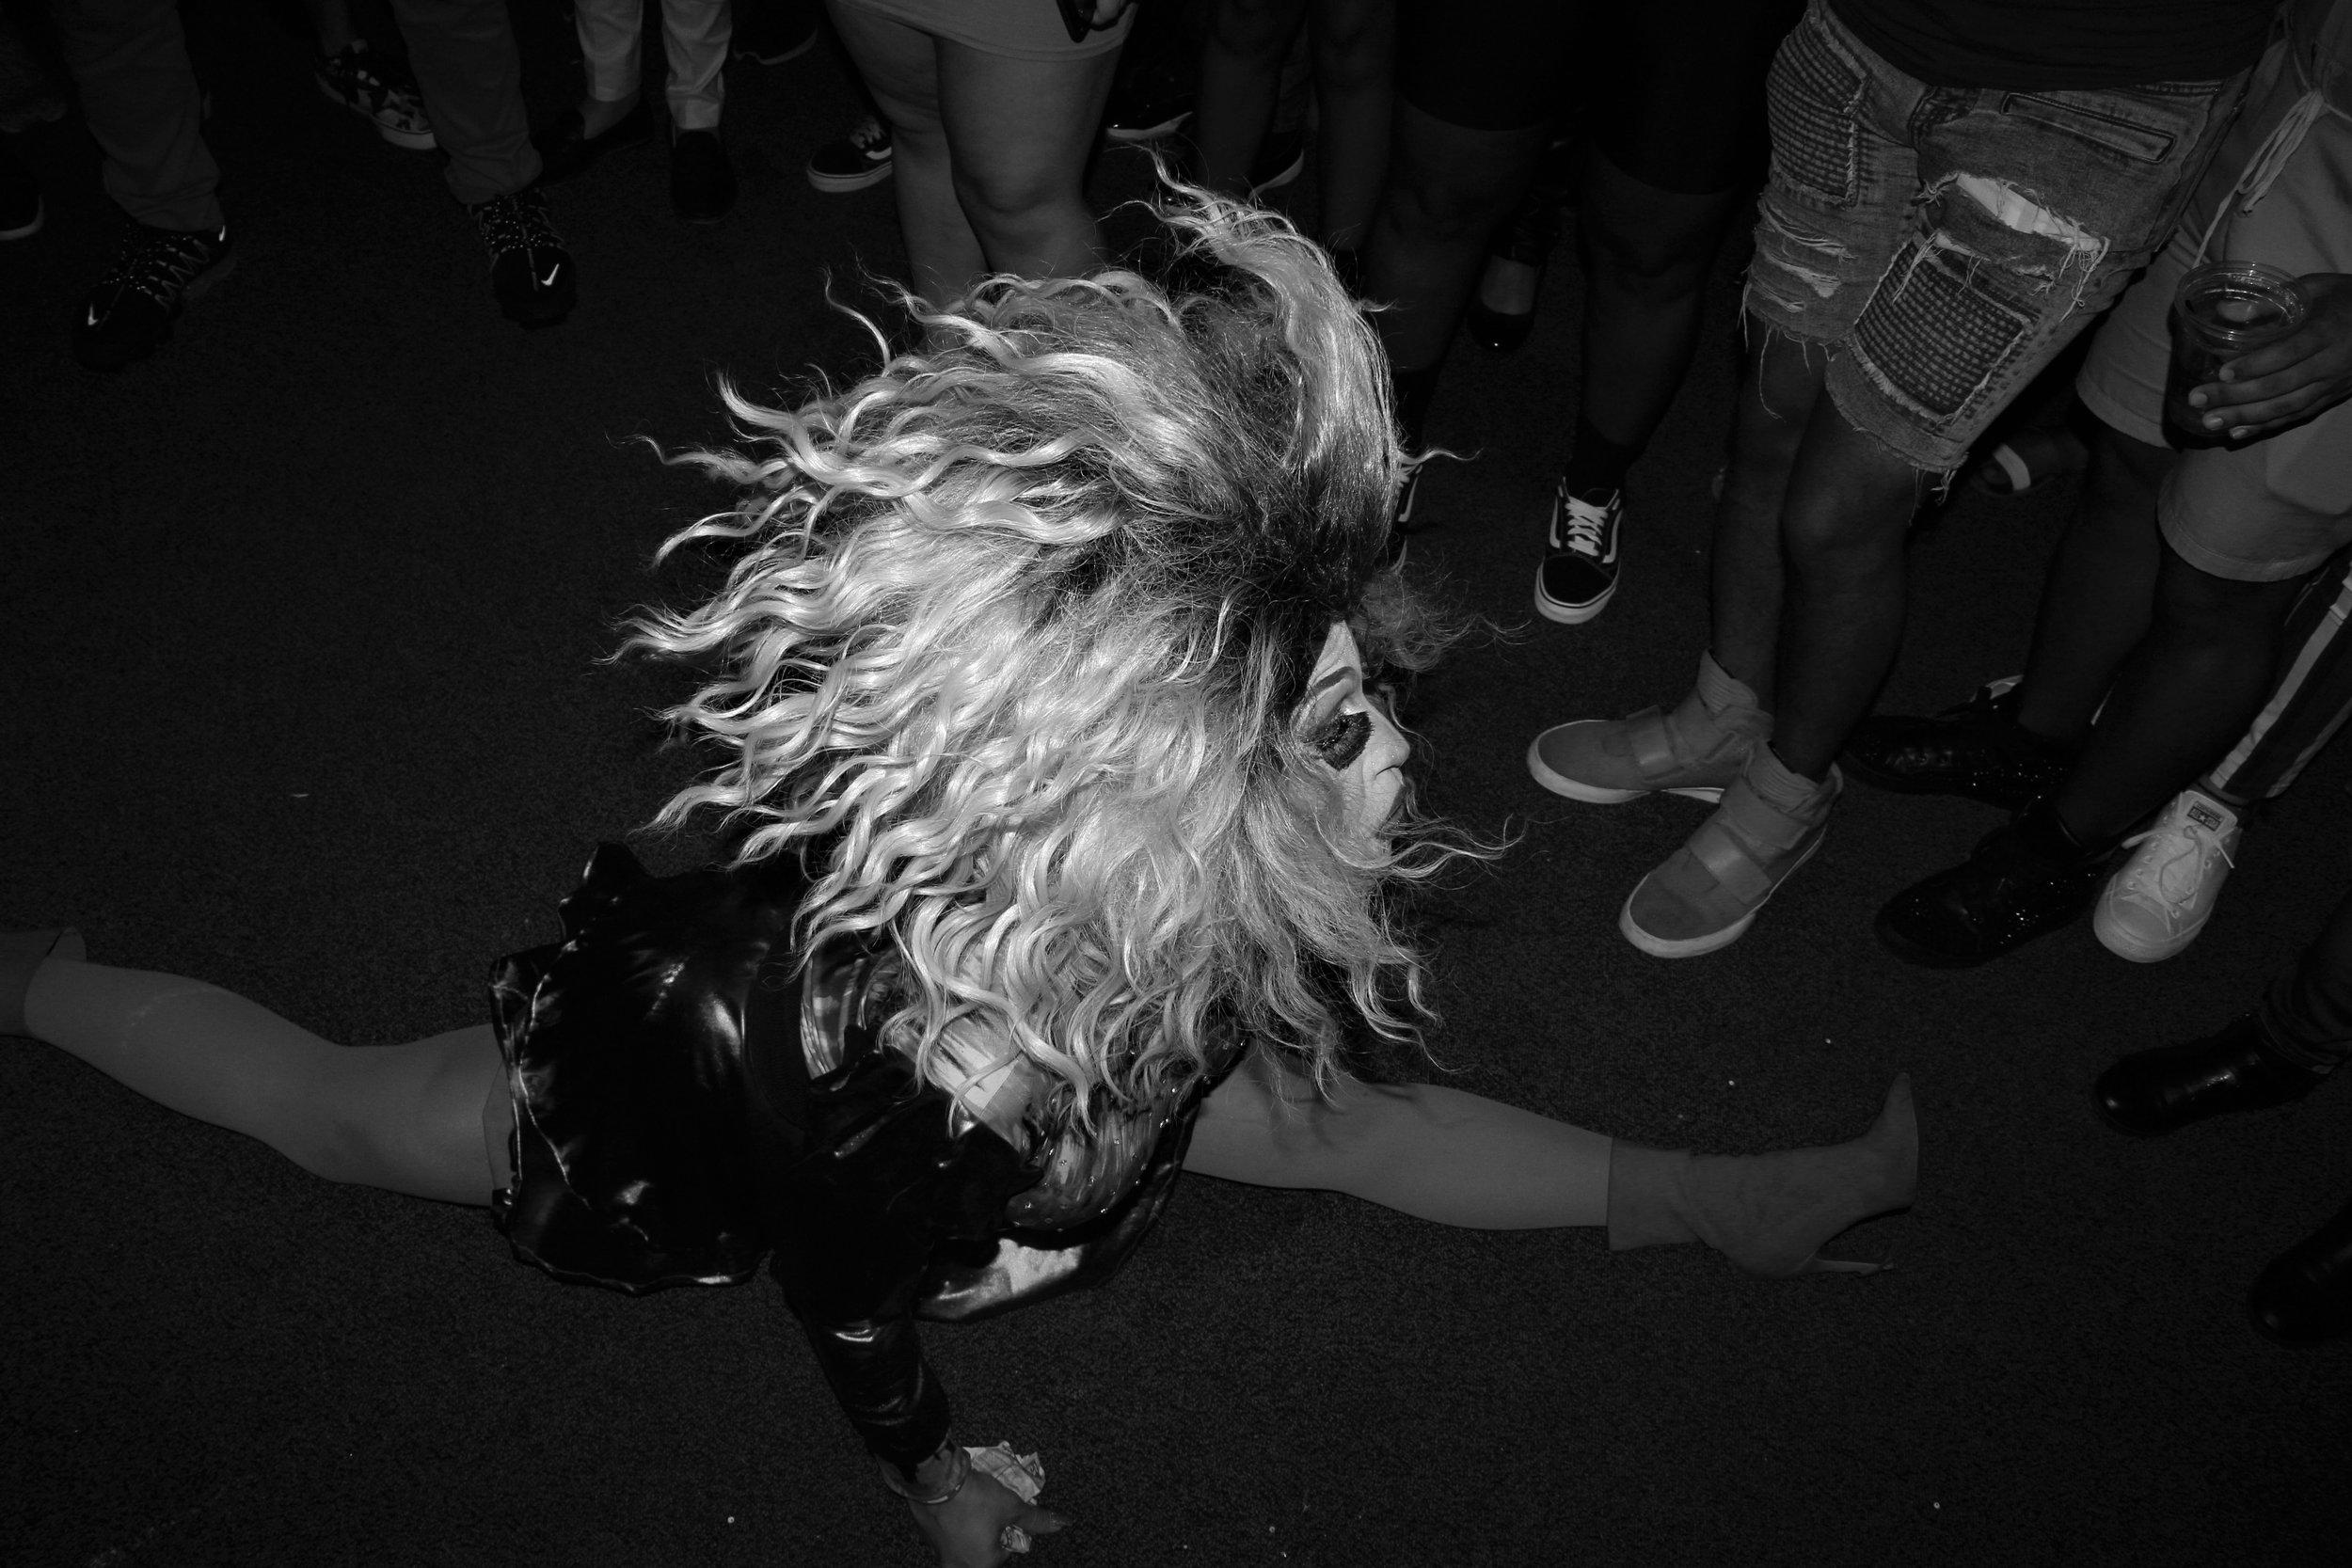 Shay_D Pines Yonkers Pride Kickoff_Sofie Vasquez.jpg